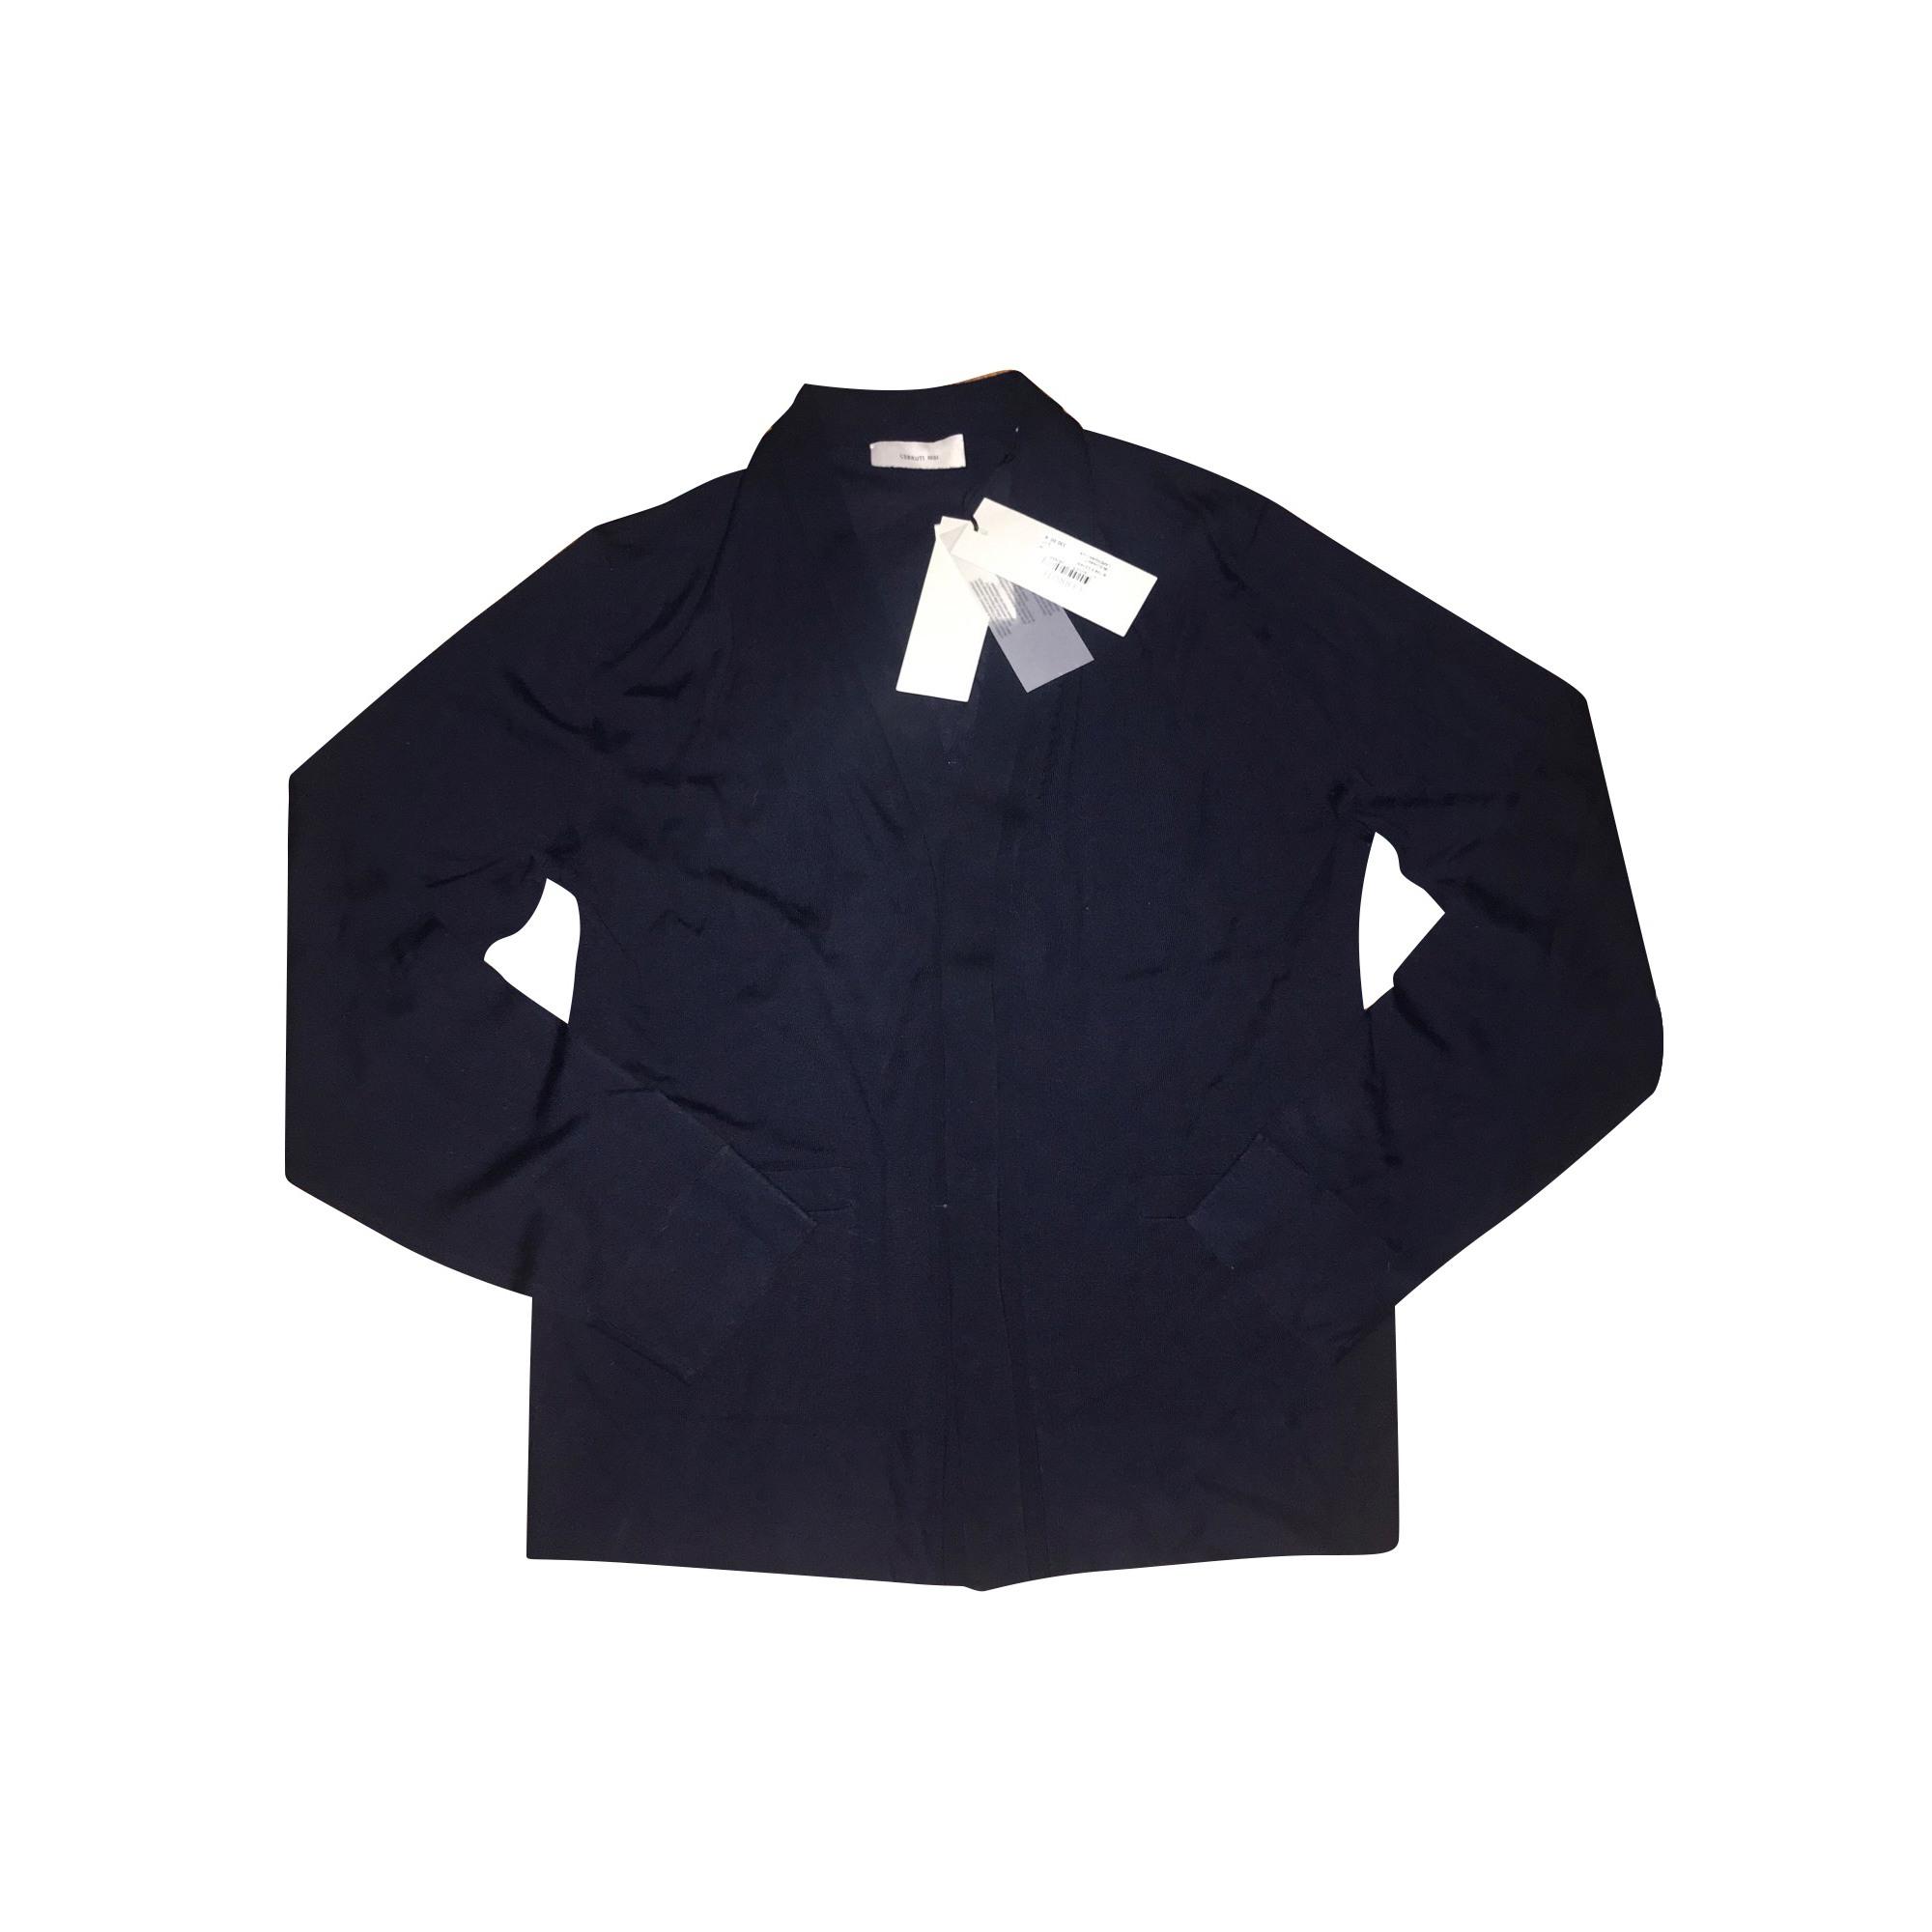 Gilet, cardigan CERRUTI 1881 Bleu, bleu marine, bleu turquoise